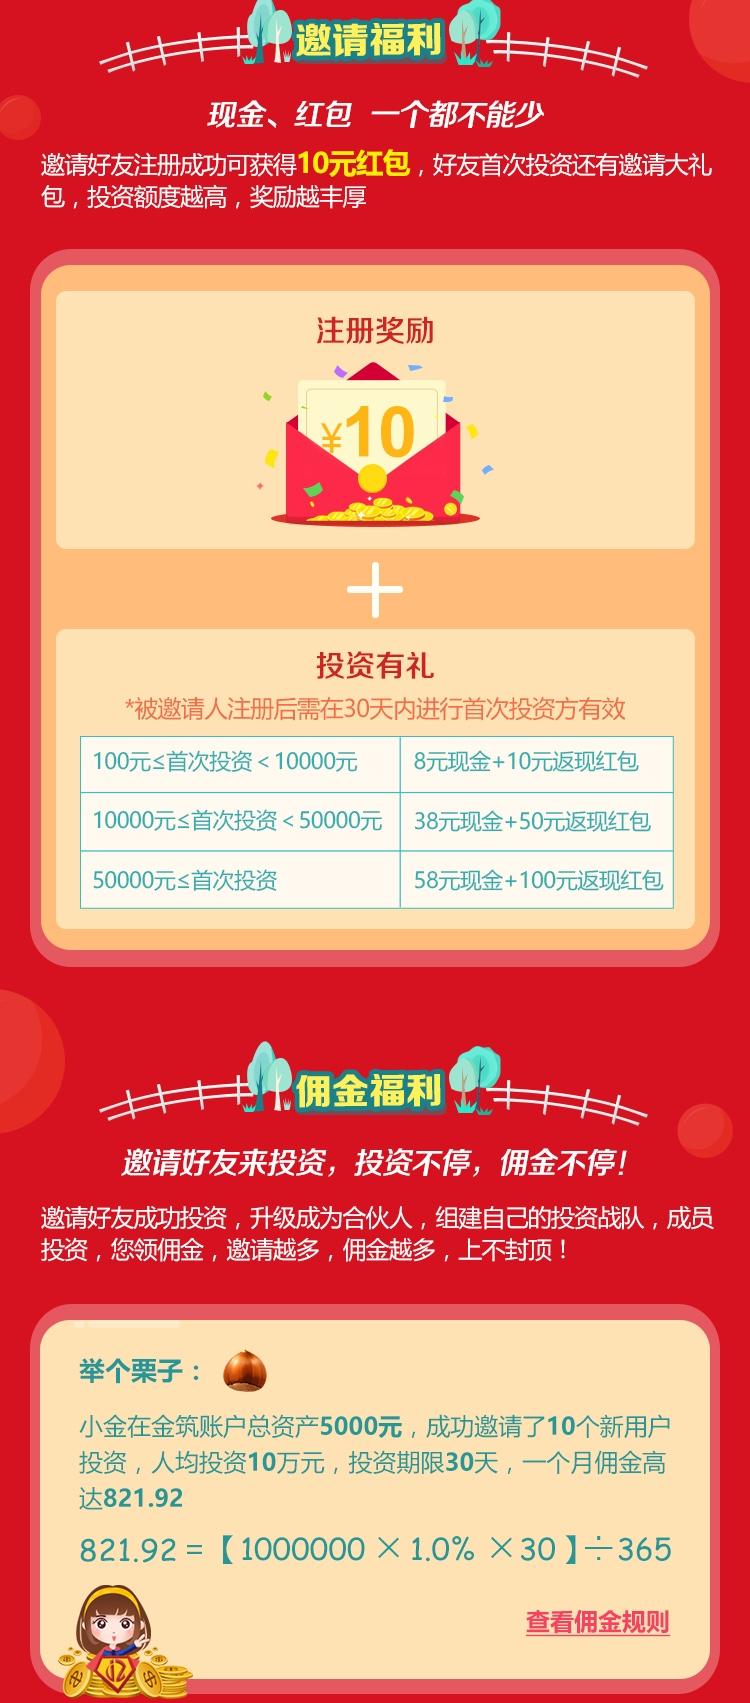 WeChat Image_20171123145806.jpg